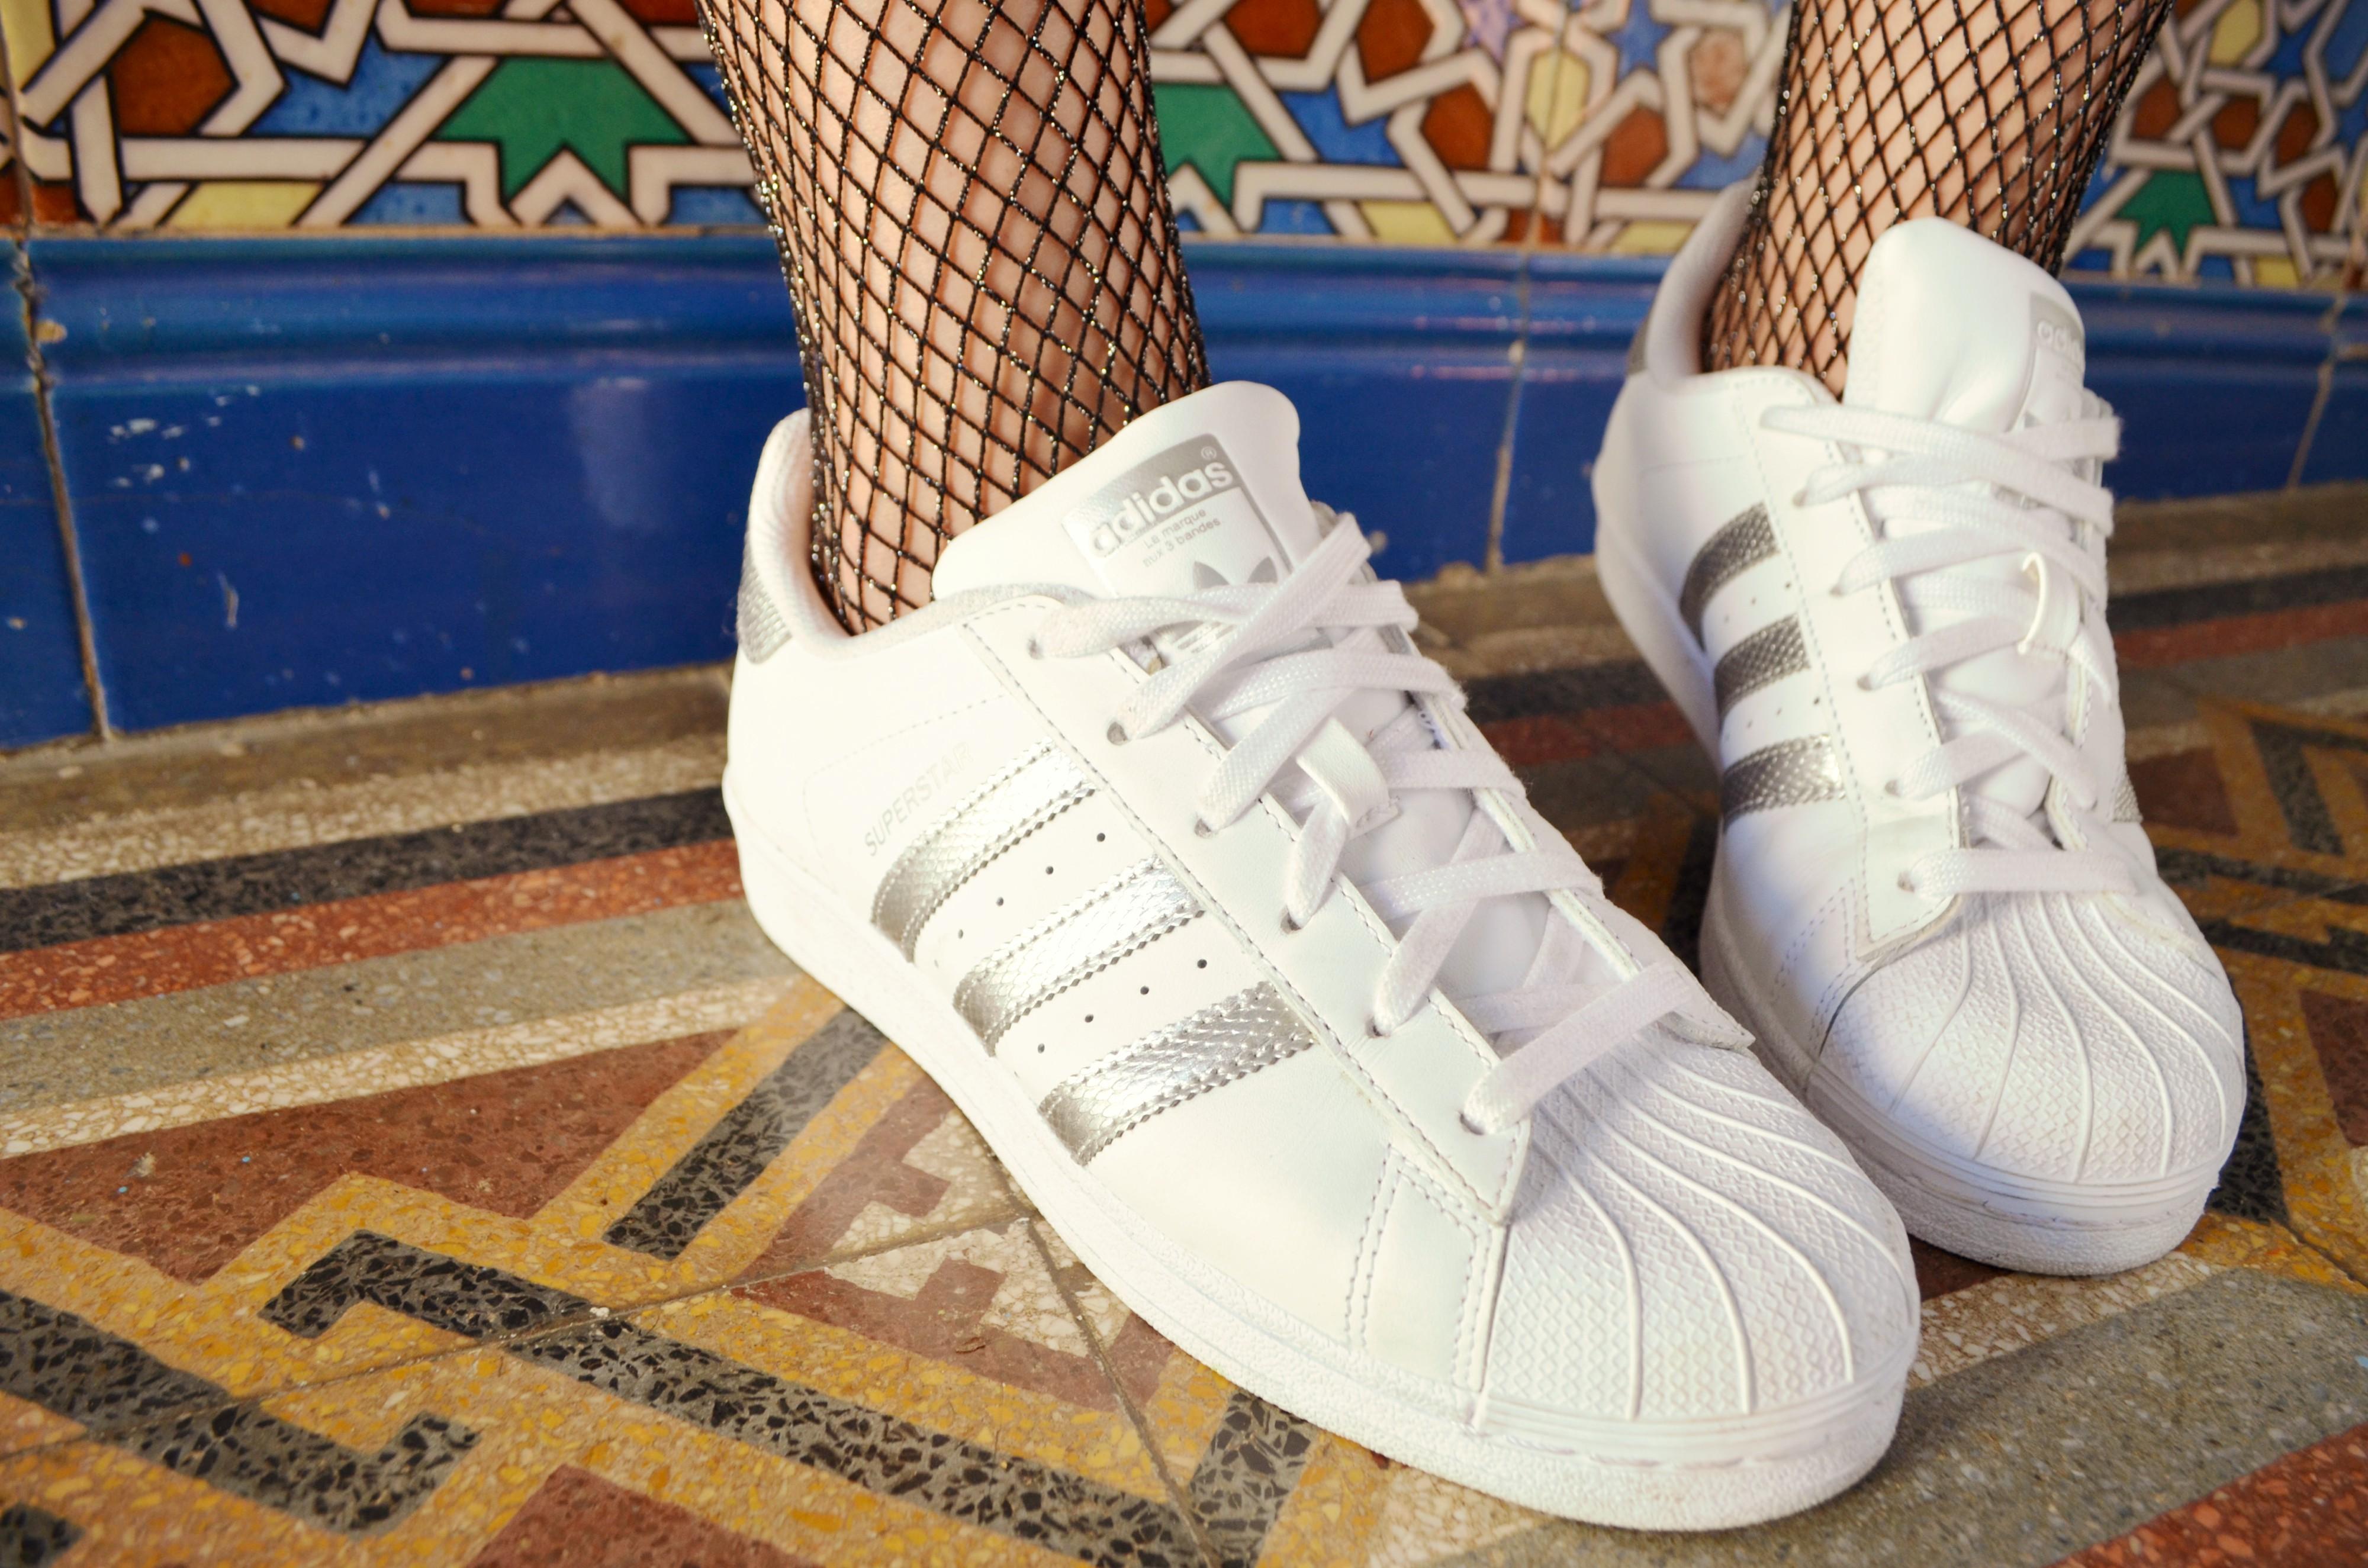 De Moda Look Adidas Superstar Fashionista Blog W2IYEH9D